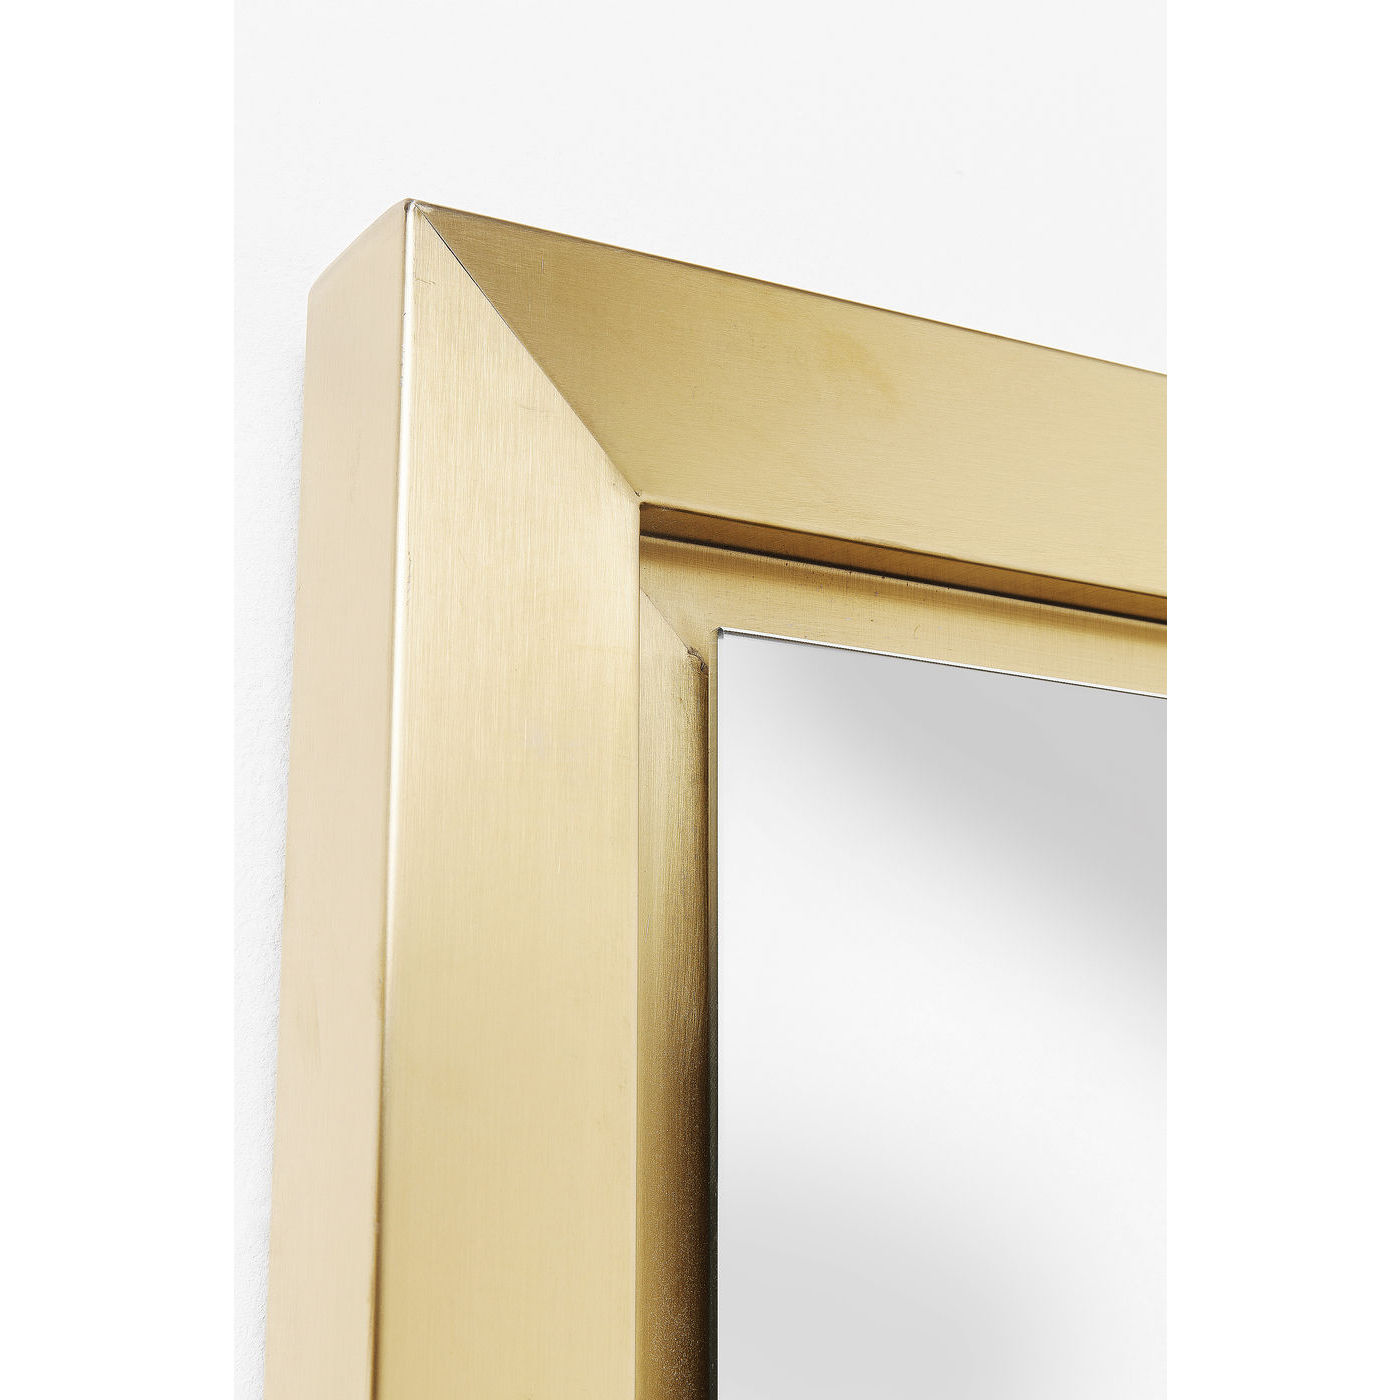 Wandpiegel designerspiegel spiegel flash led rectangular for Spiegel 160x80